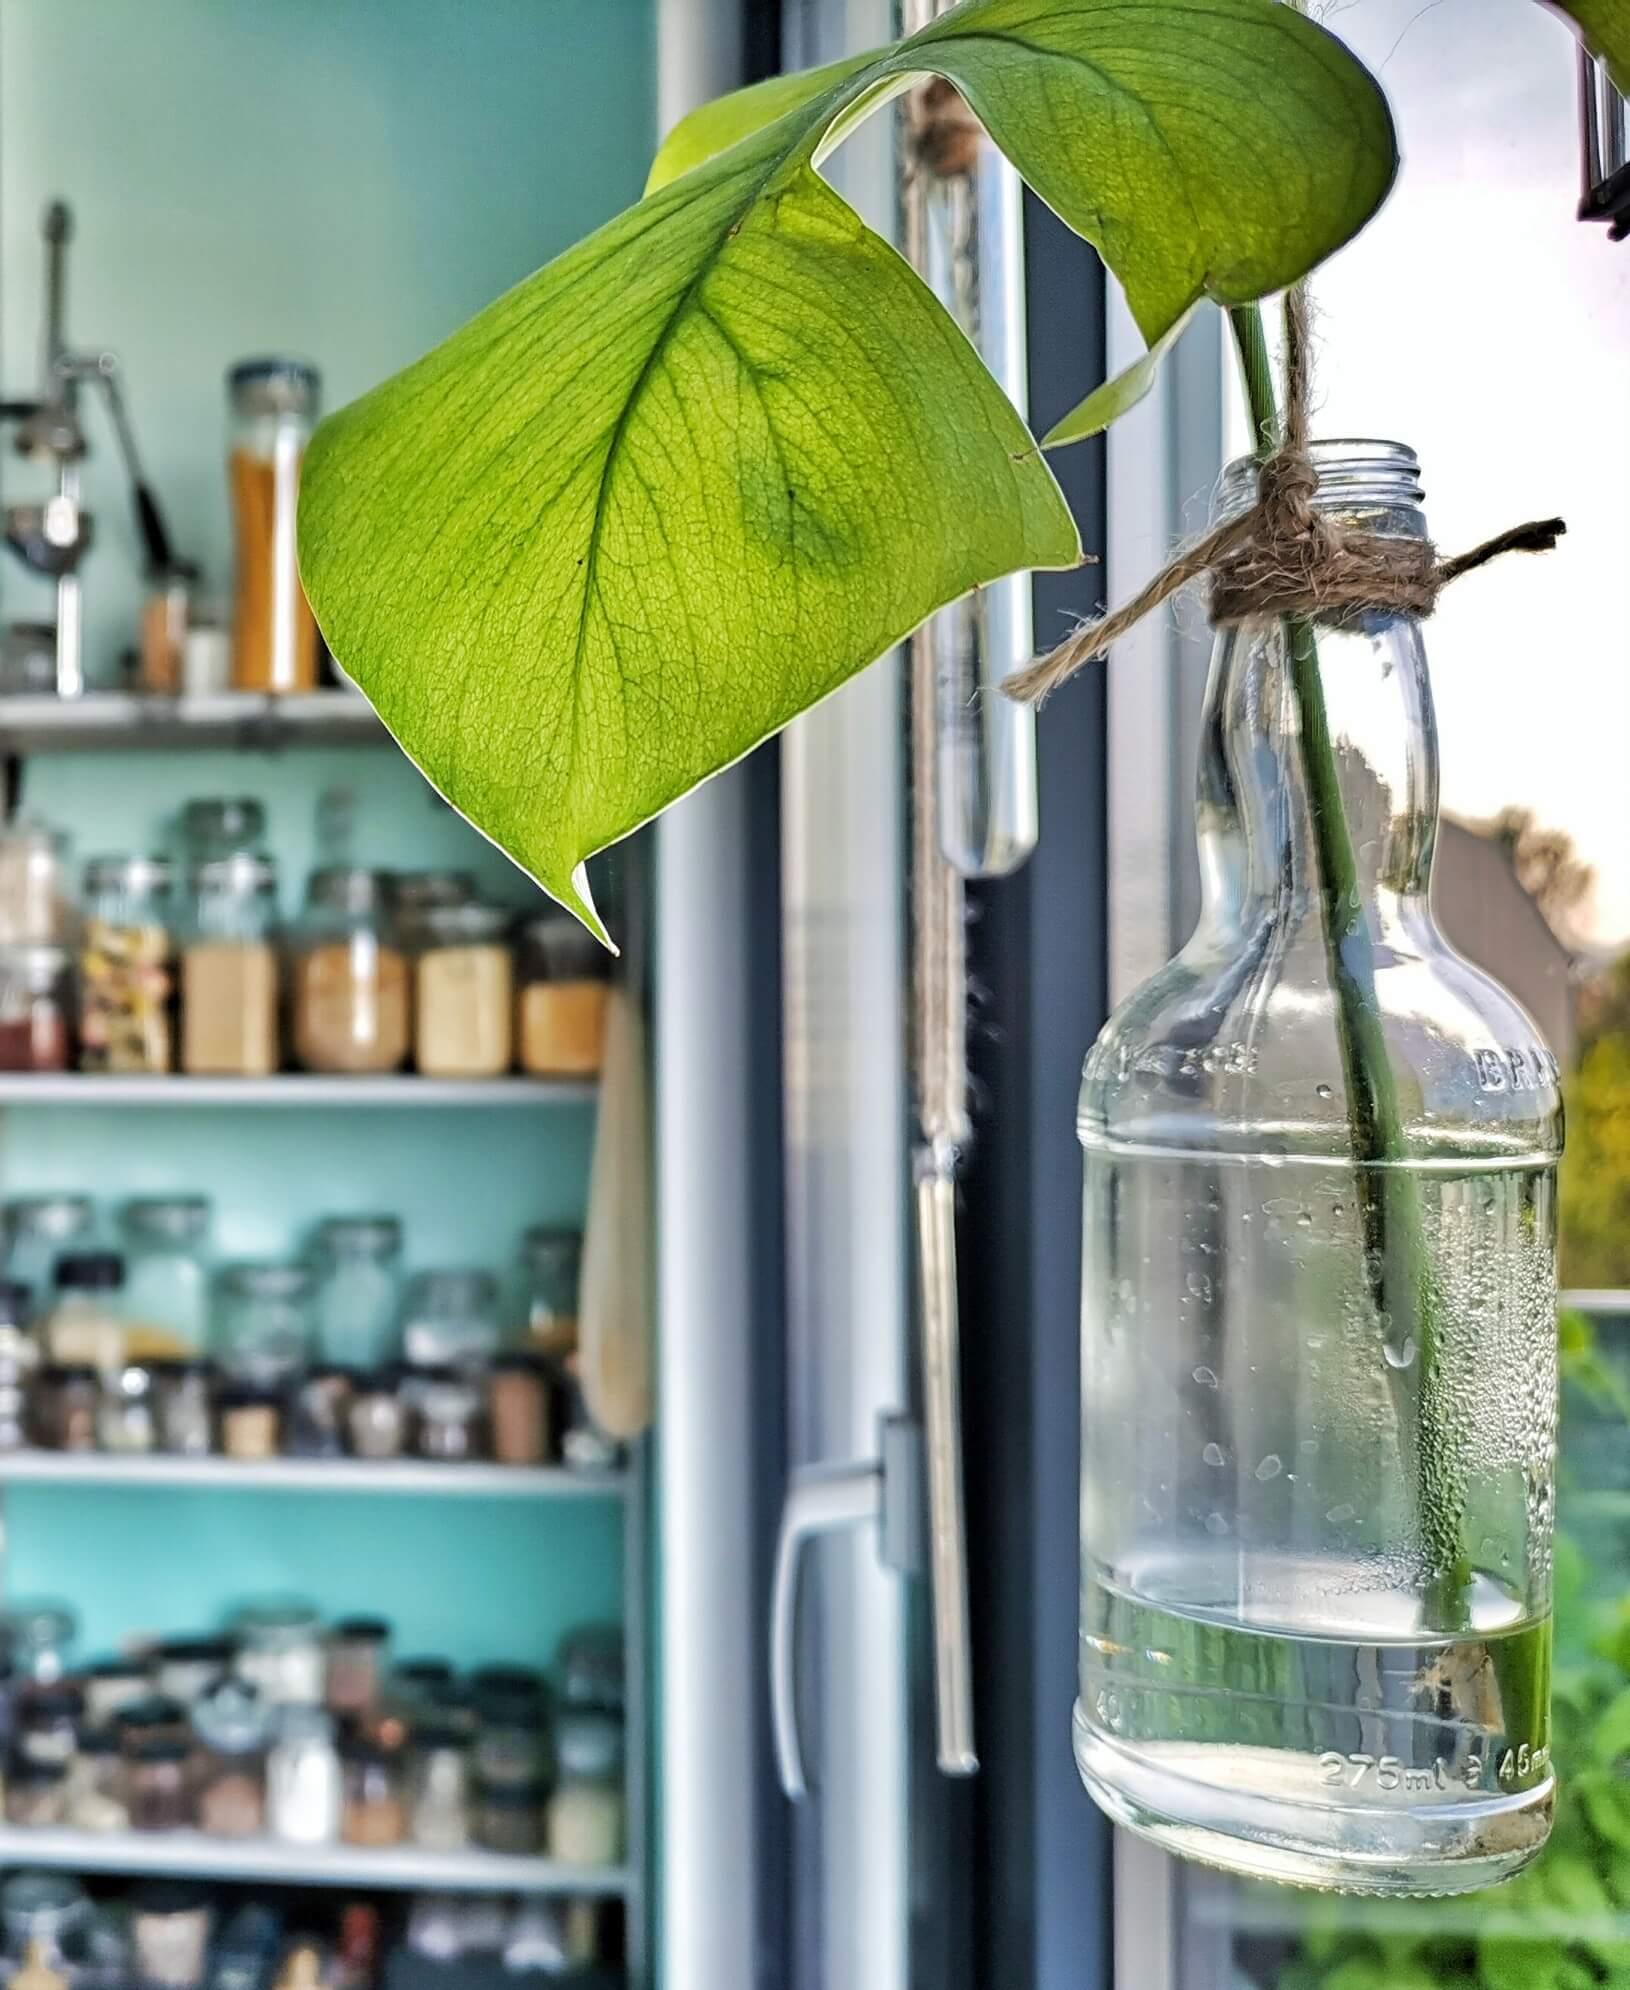 IMG 20190507 064516 577 resized 20190509 080423312 - Botanický windowstyling: Vymeňte záclony za okenný herbár